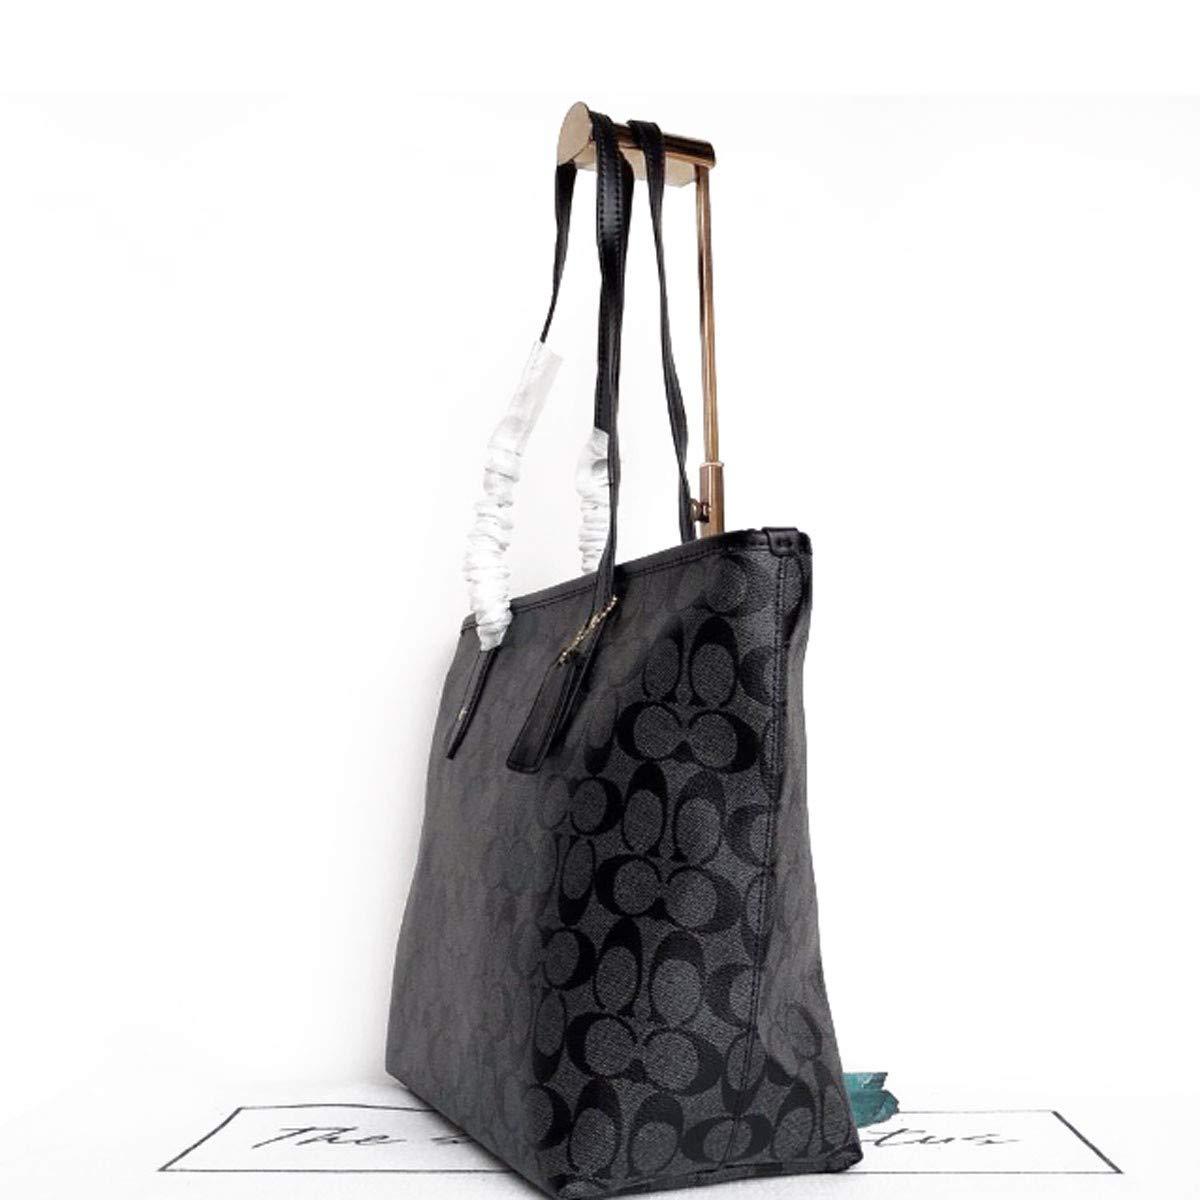 LIYANJIN-ShoulderBags kvinnor handväska, kvinnor anteckningar väska PU läder topphandtag väska axelväska (29 x 27 x 14 cm) Röd